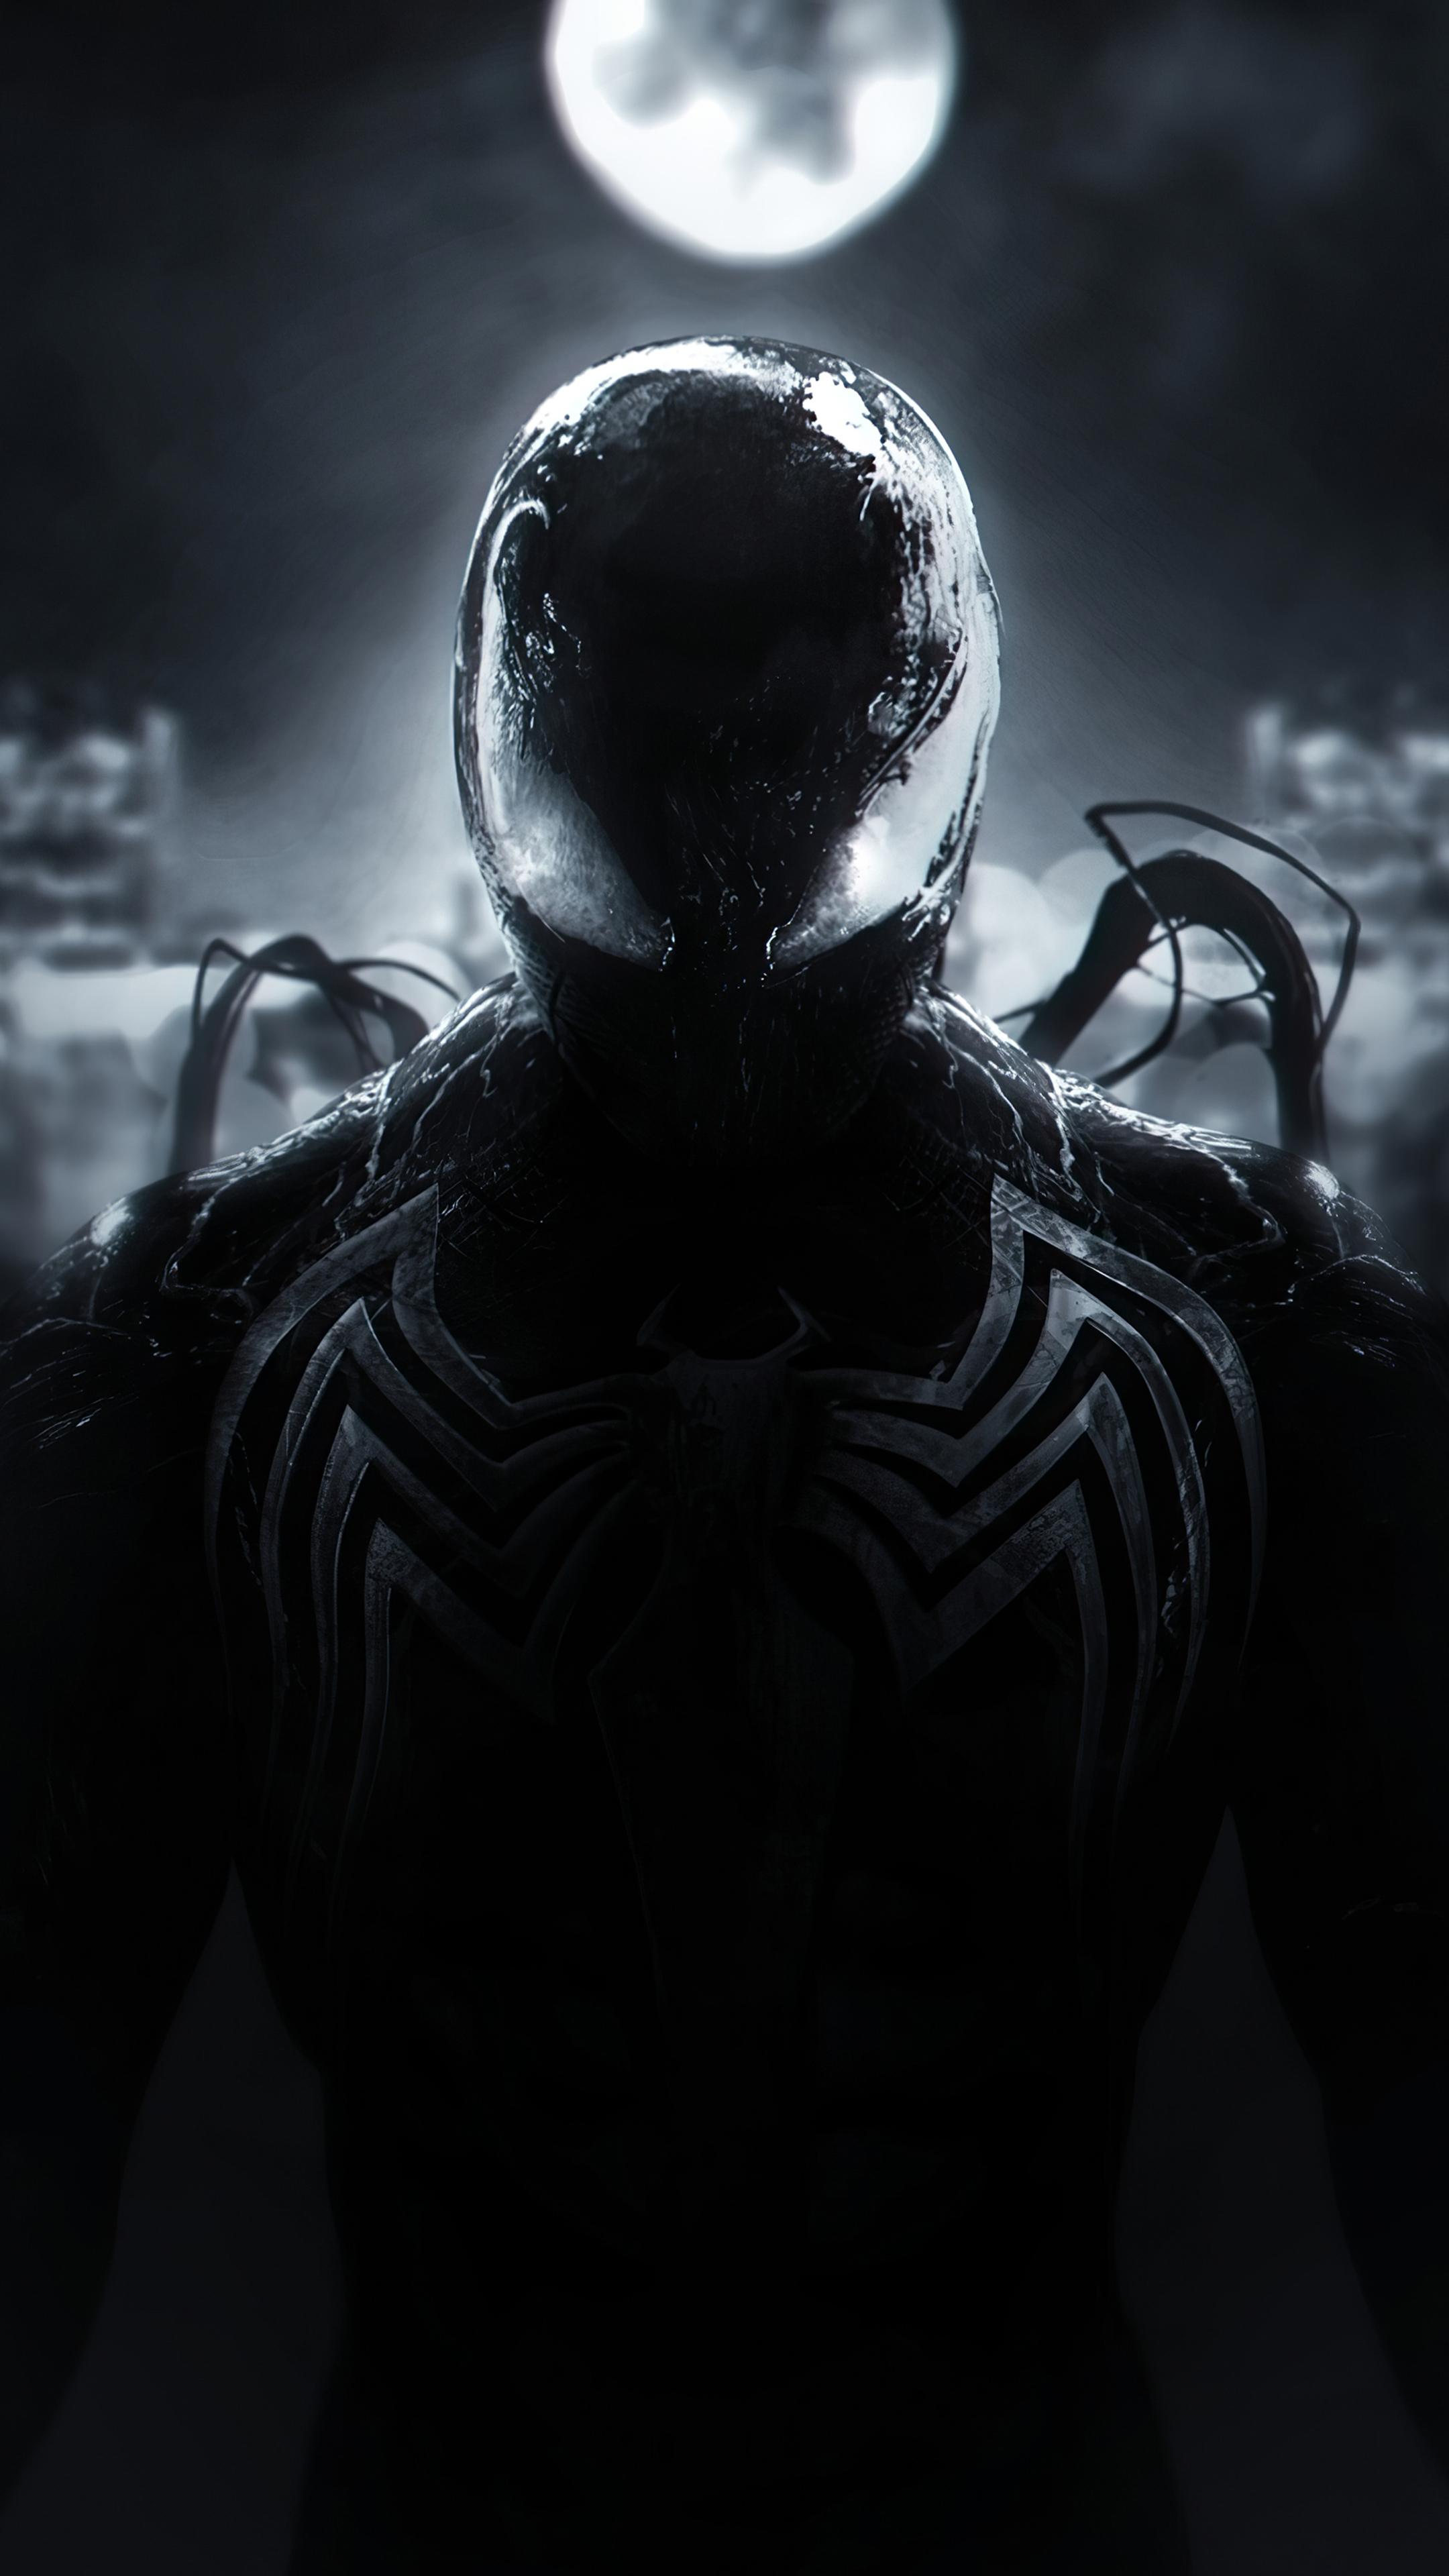 2160x3840 Spiderman Venom Symbiote 4k Sony Xperia X,XZ,Z5 ...